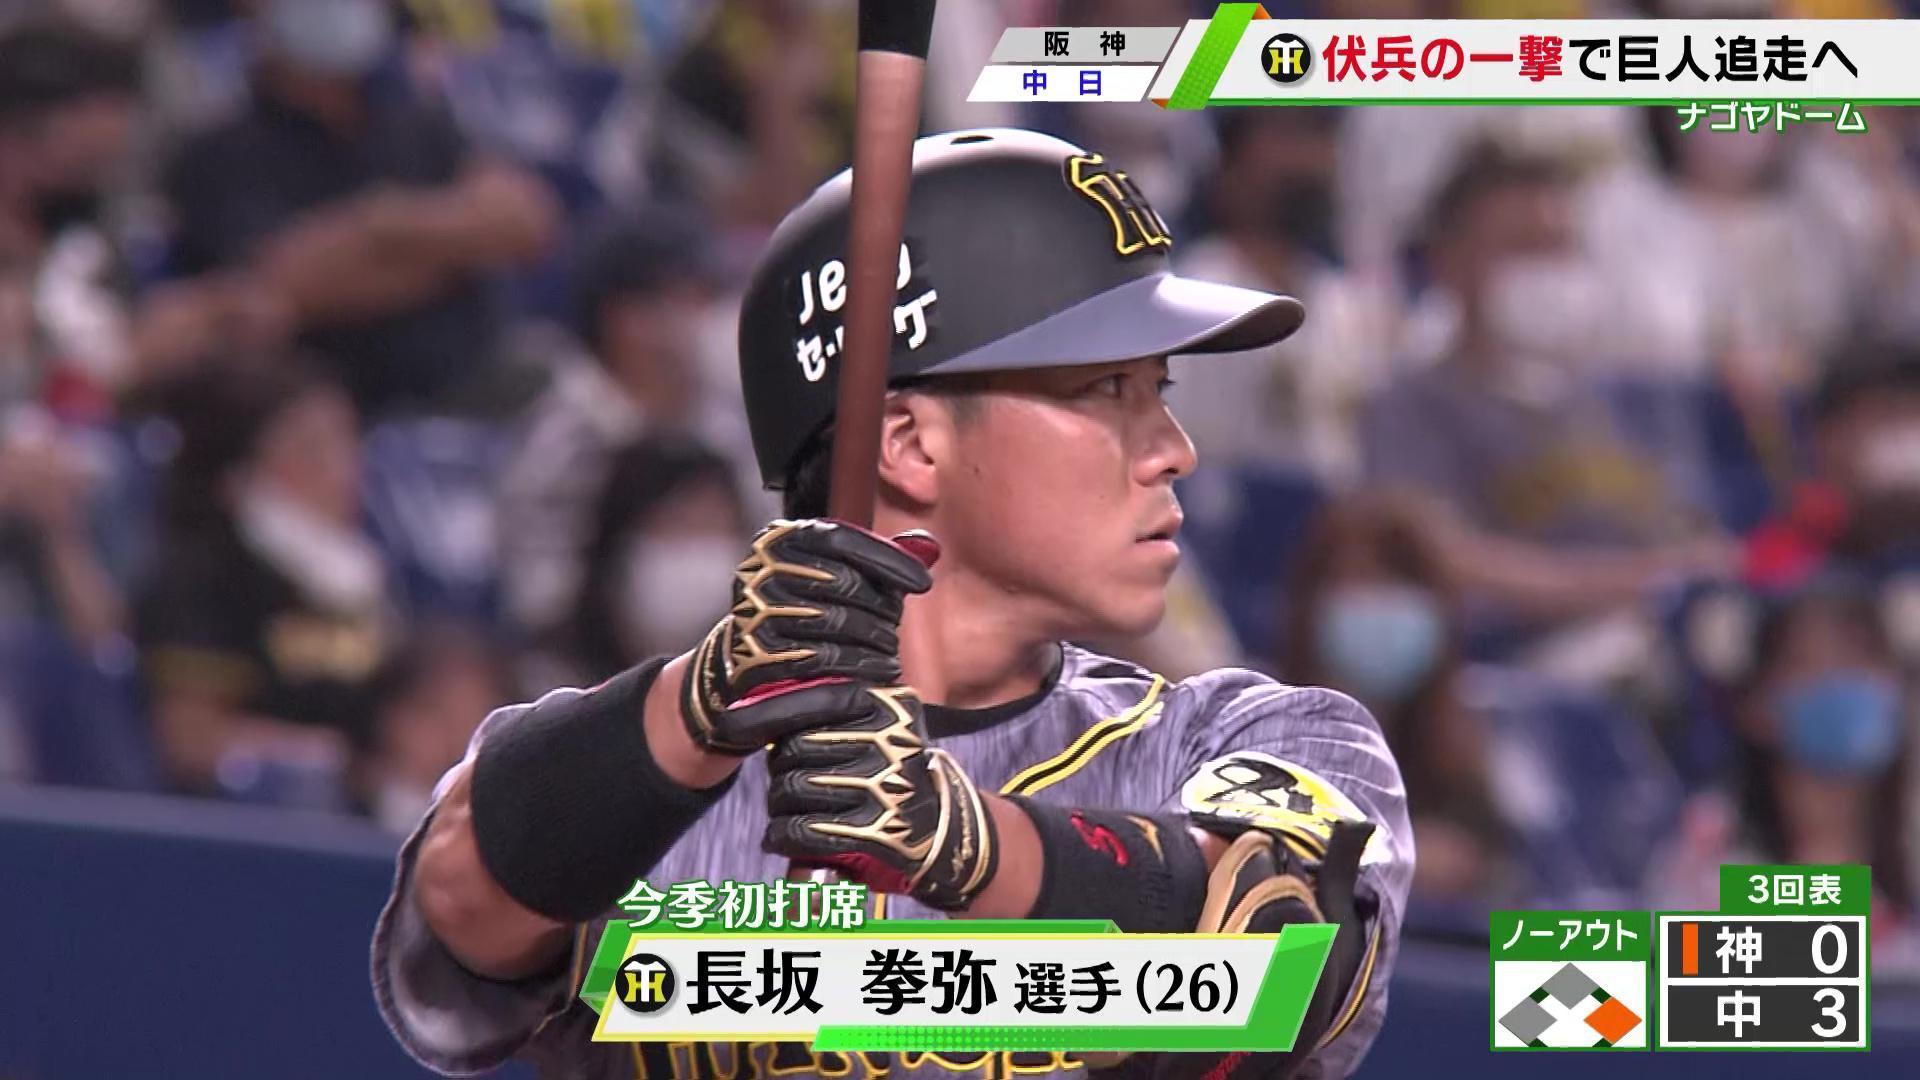 【阪神】長坂の2年連続初打席弾も2カード連続の負け越し